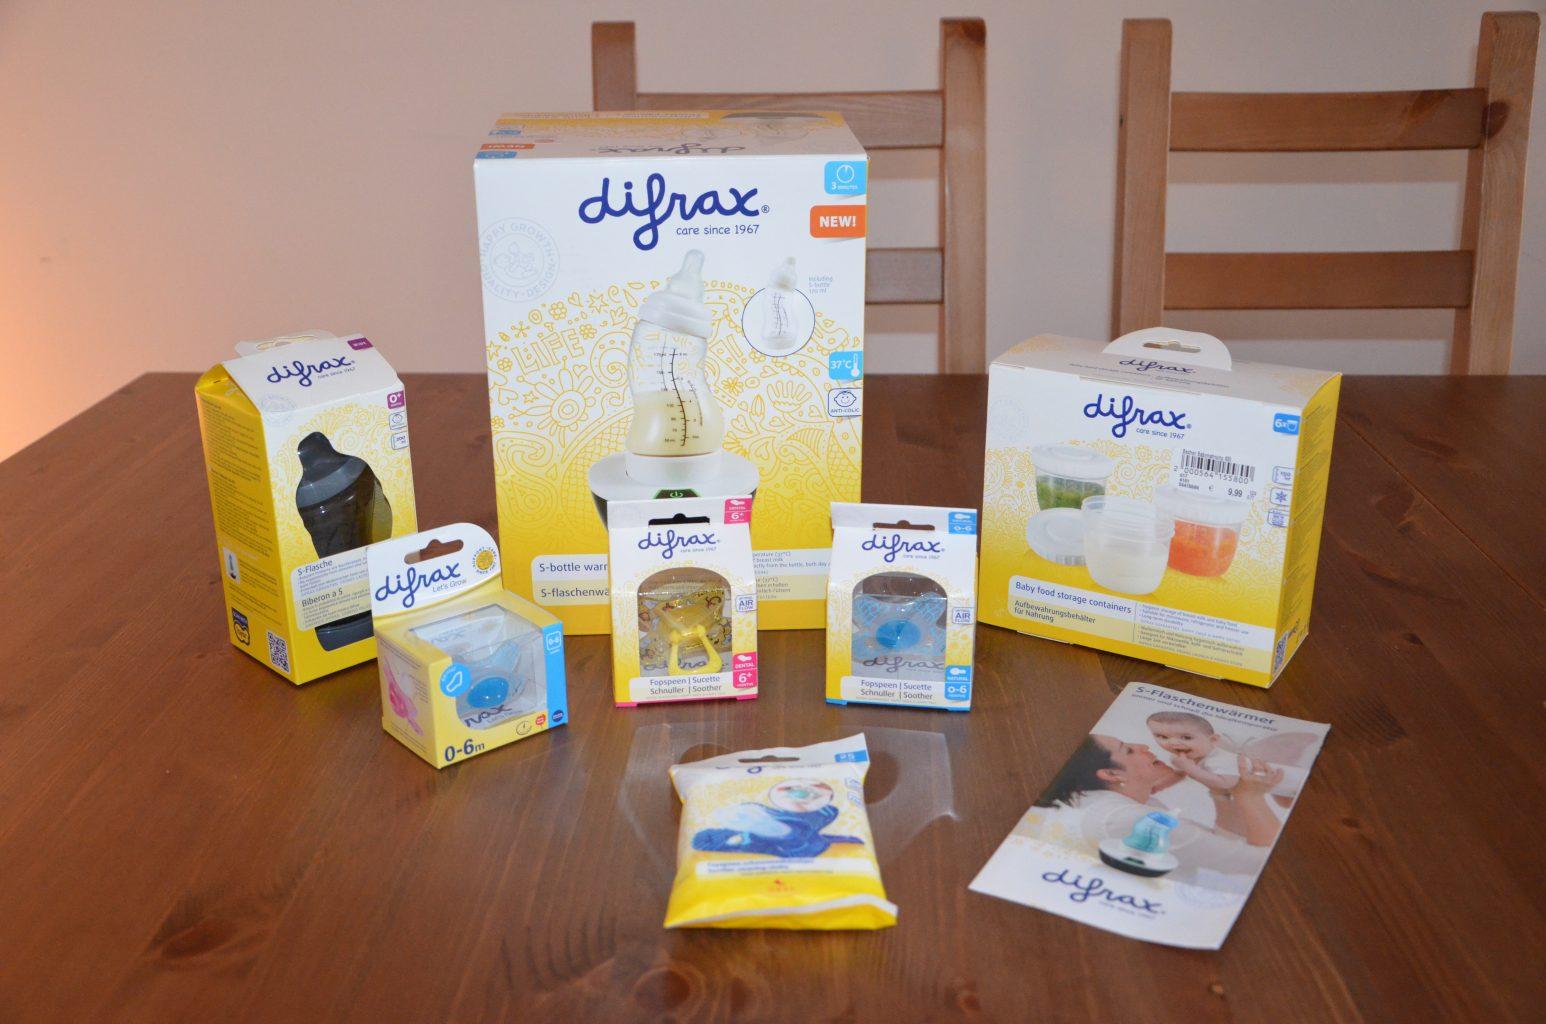 Einkauf Difrax